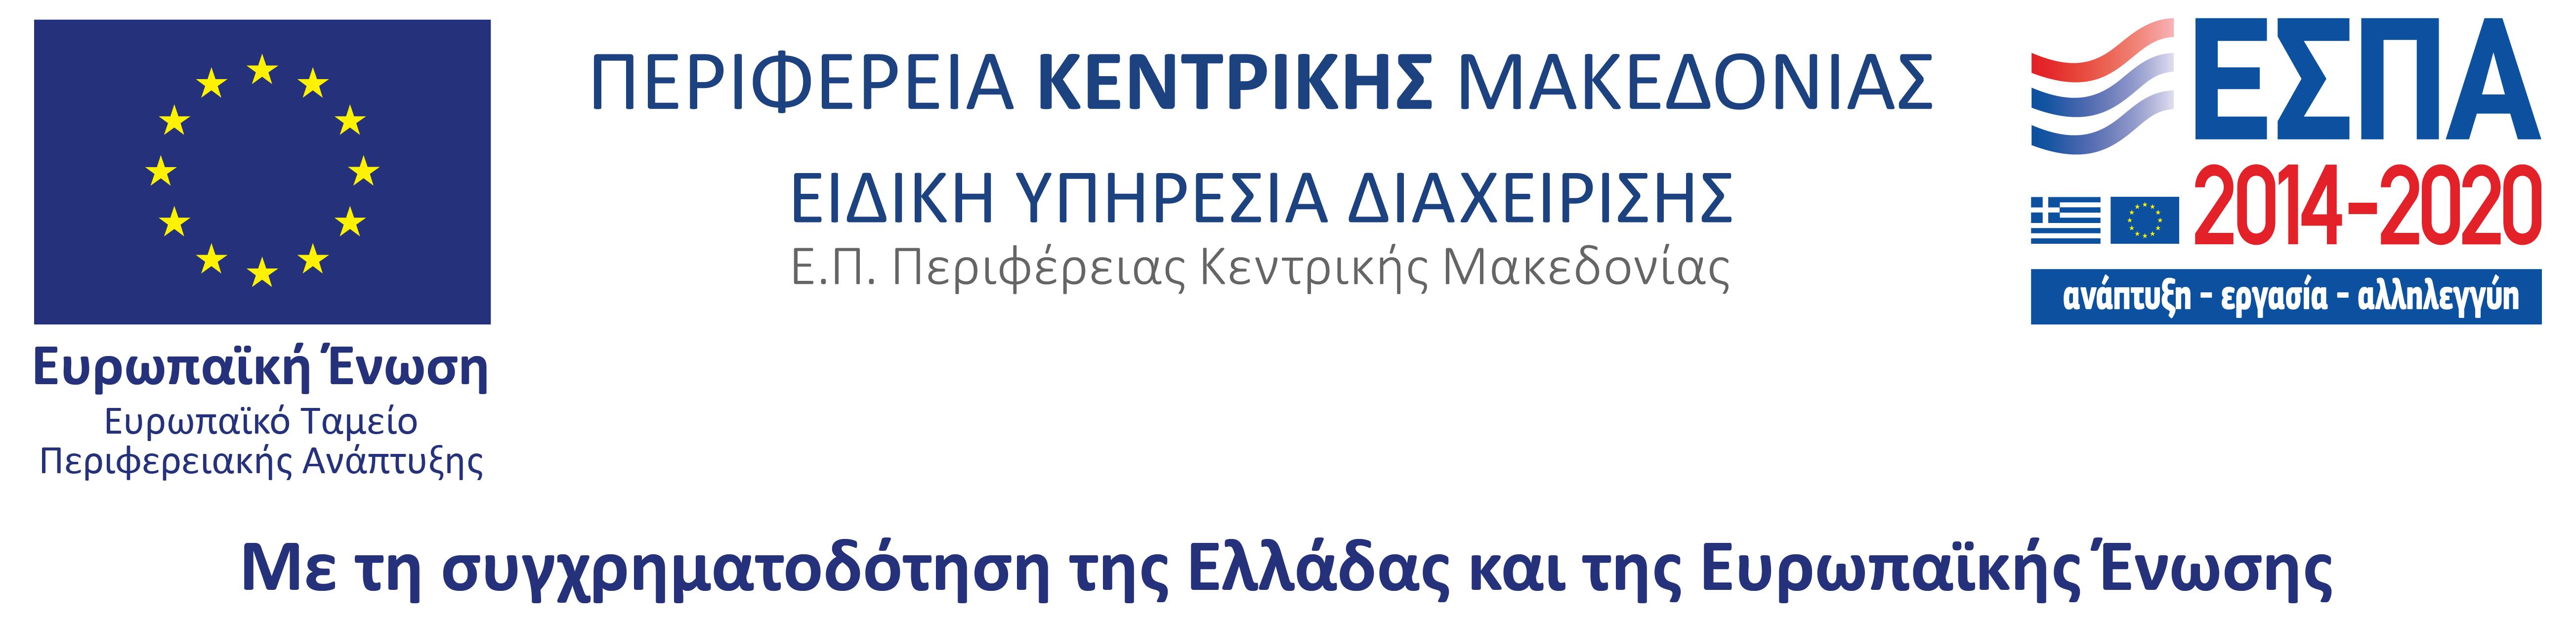 Η 16η ΔΕΒΘ συγχρηματοδοτείται από το Ευρωπαϊκό Ταμείο Περιφερειακής Ανάπτυξης στο πλαίσιο του ΠΕΠ Κεντρικής Μακεδονίας 2014-2020.